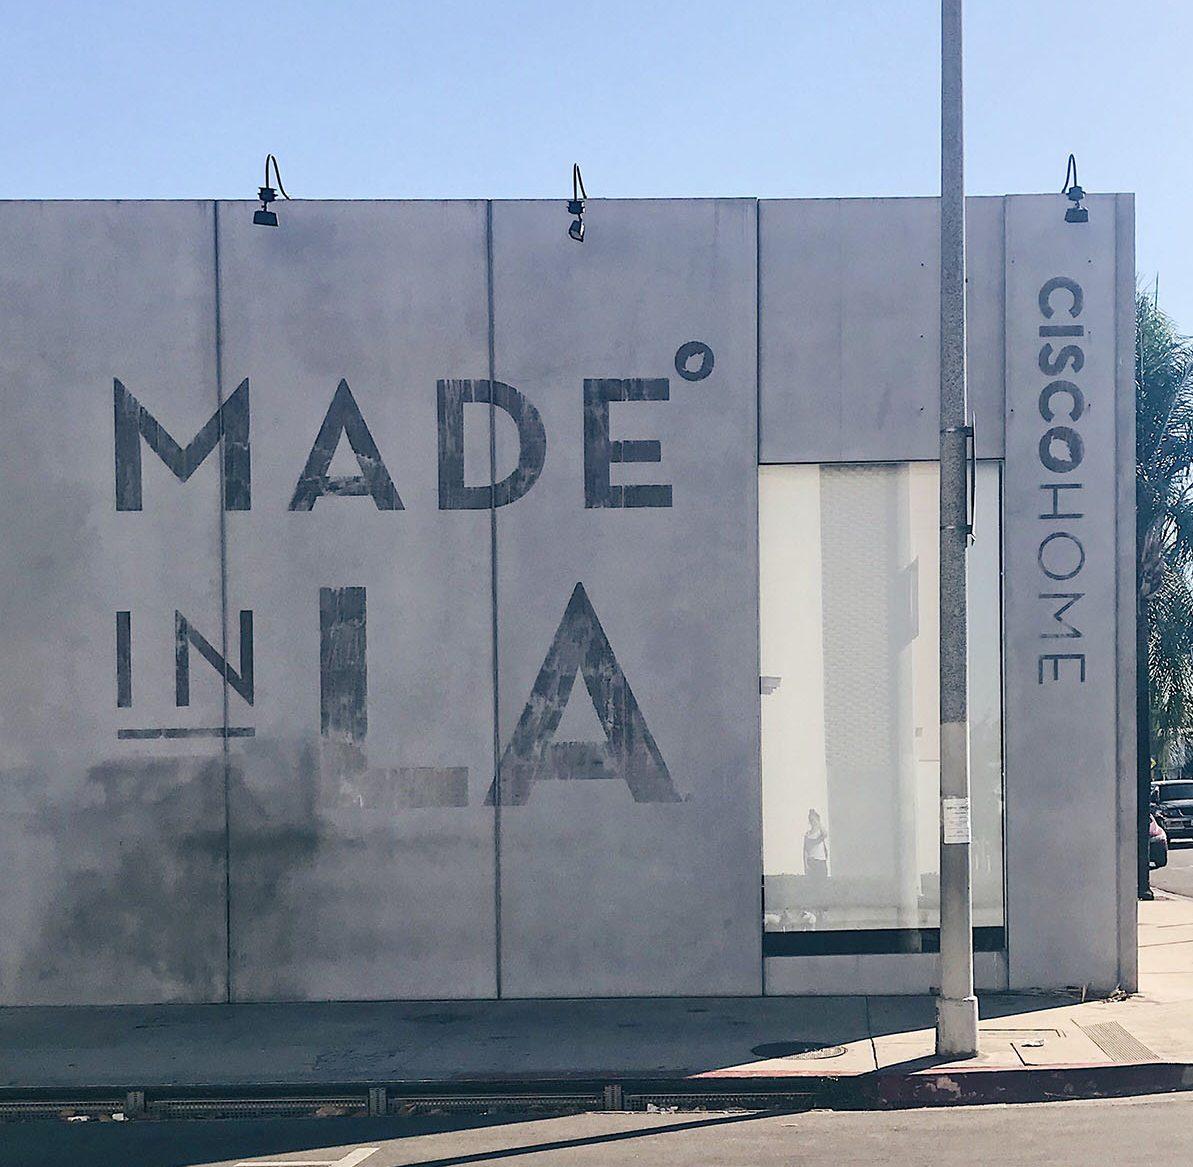 Visiter Los Angeles en 1 jour, les conseil de Los Angeles Off Road